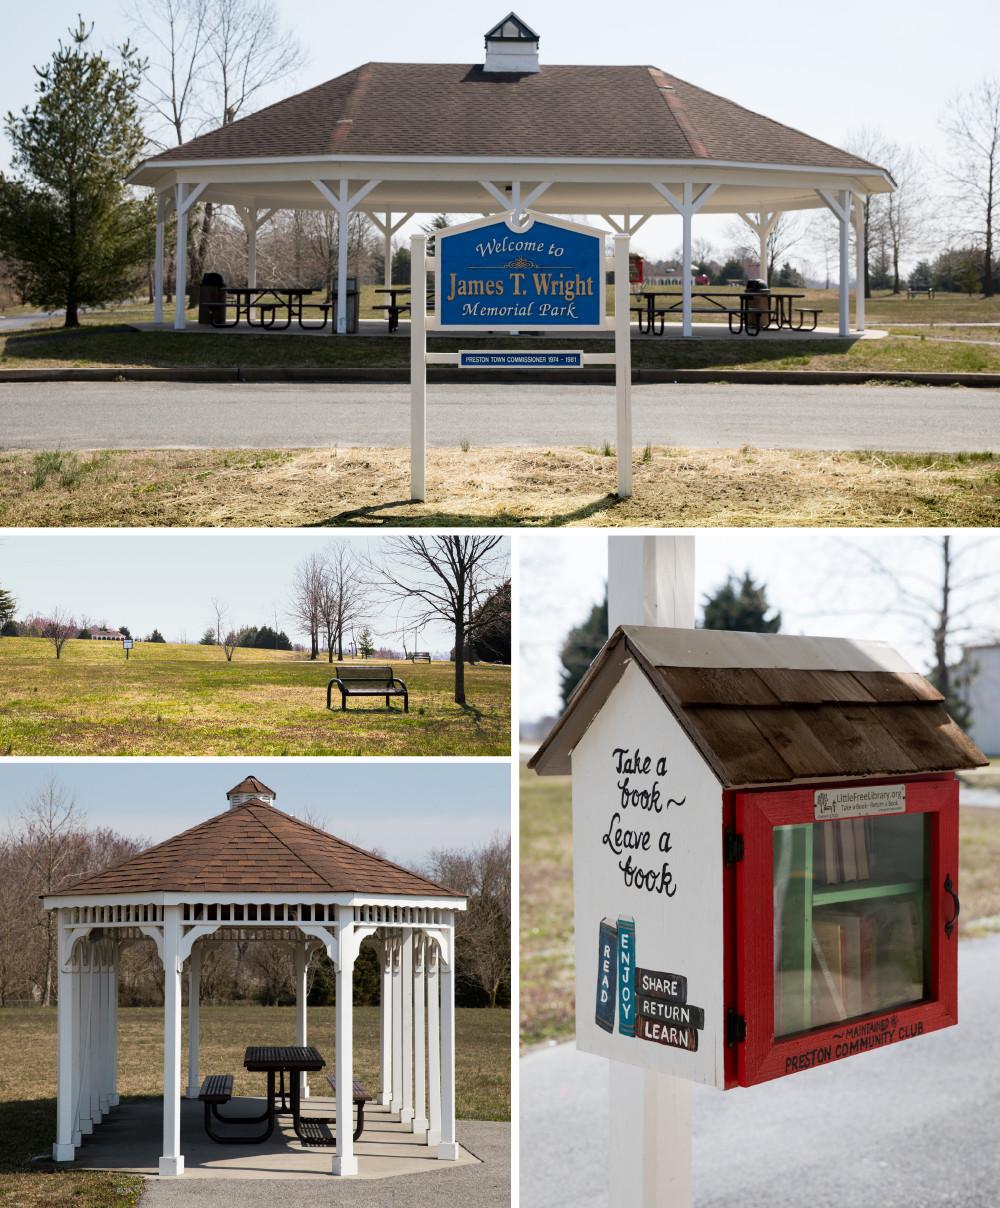 Caroline County: James T. Wright Memorial Park